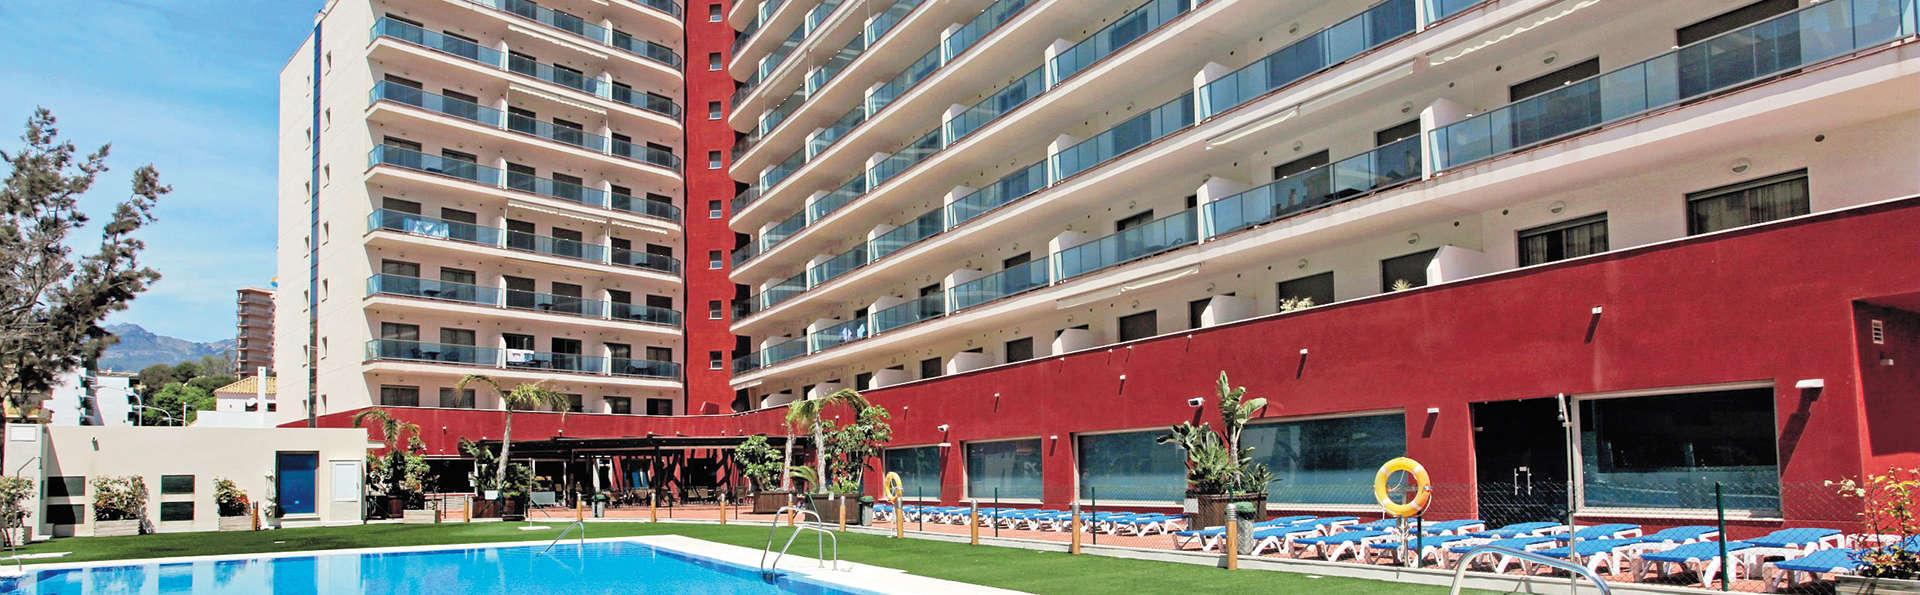 Pierre & Vacances Benalmádena Príncipe (inactif) - Edit_Pool4.jpg